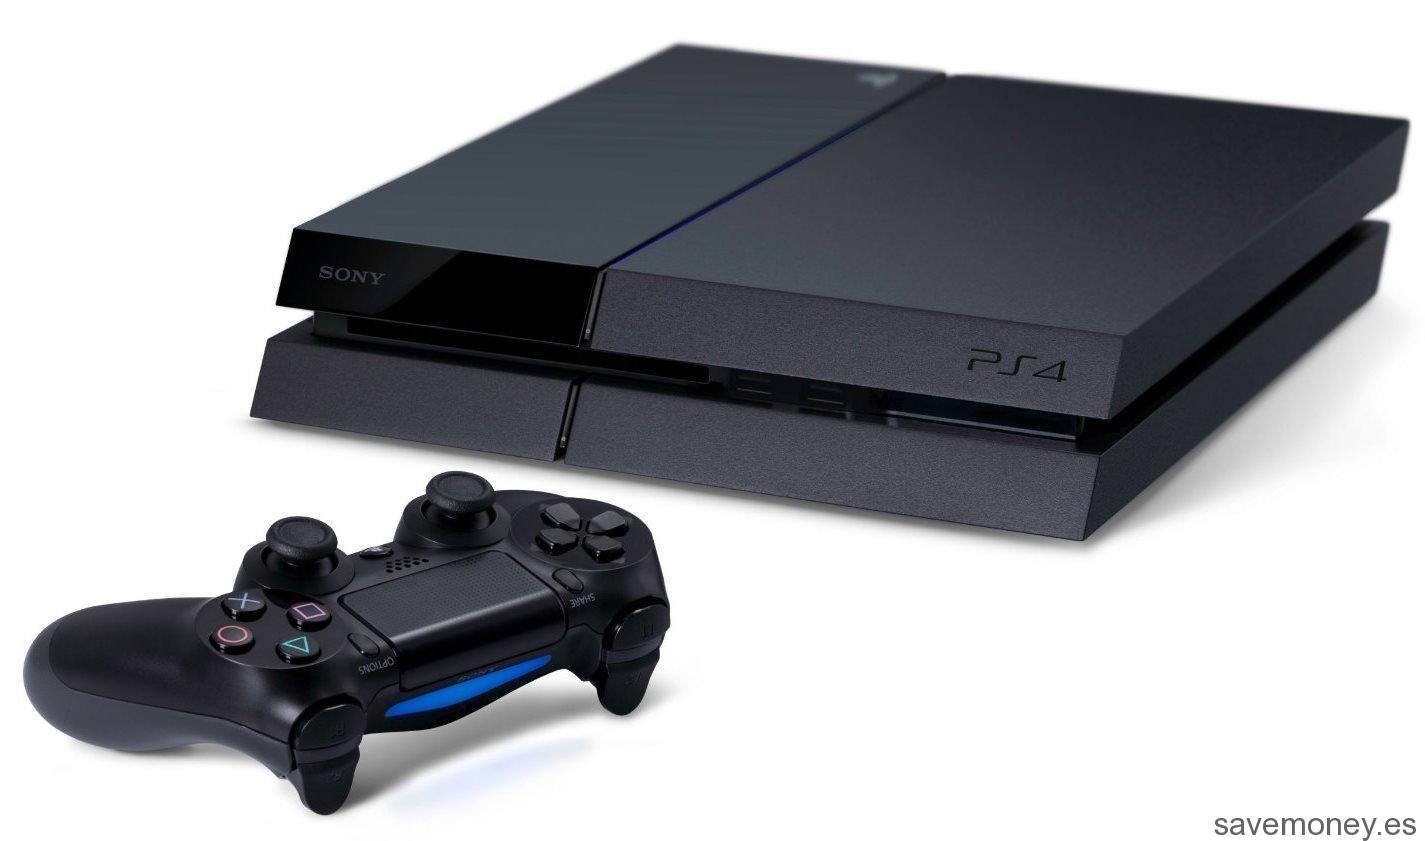 Consola PlayStation 4 de 500 GB de Sony